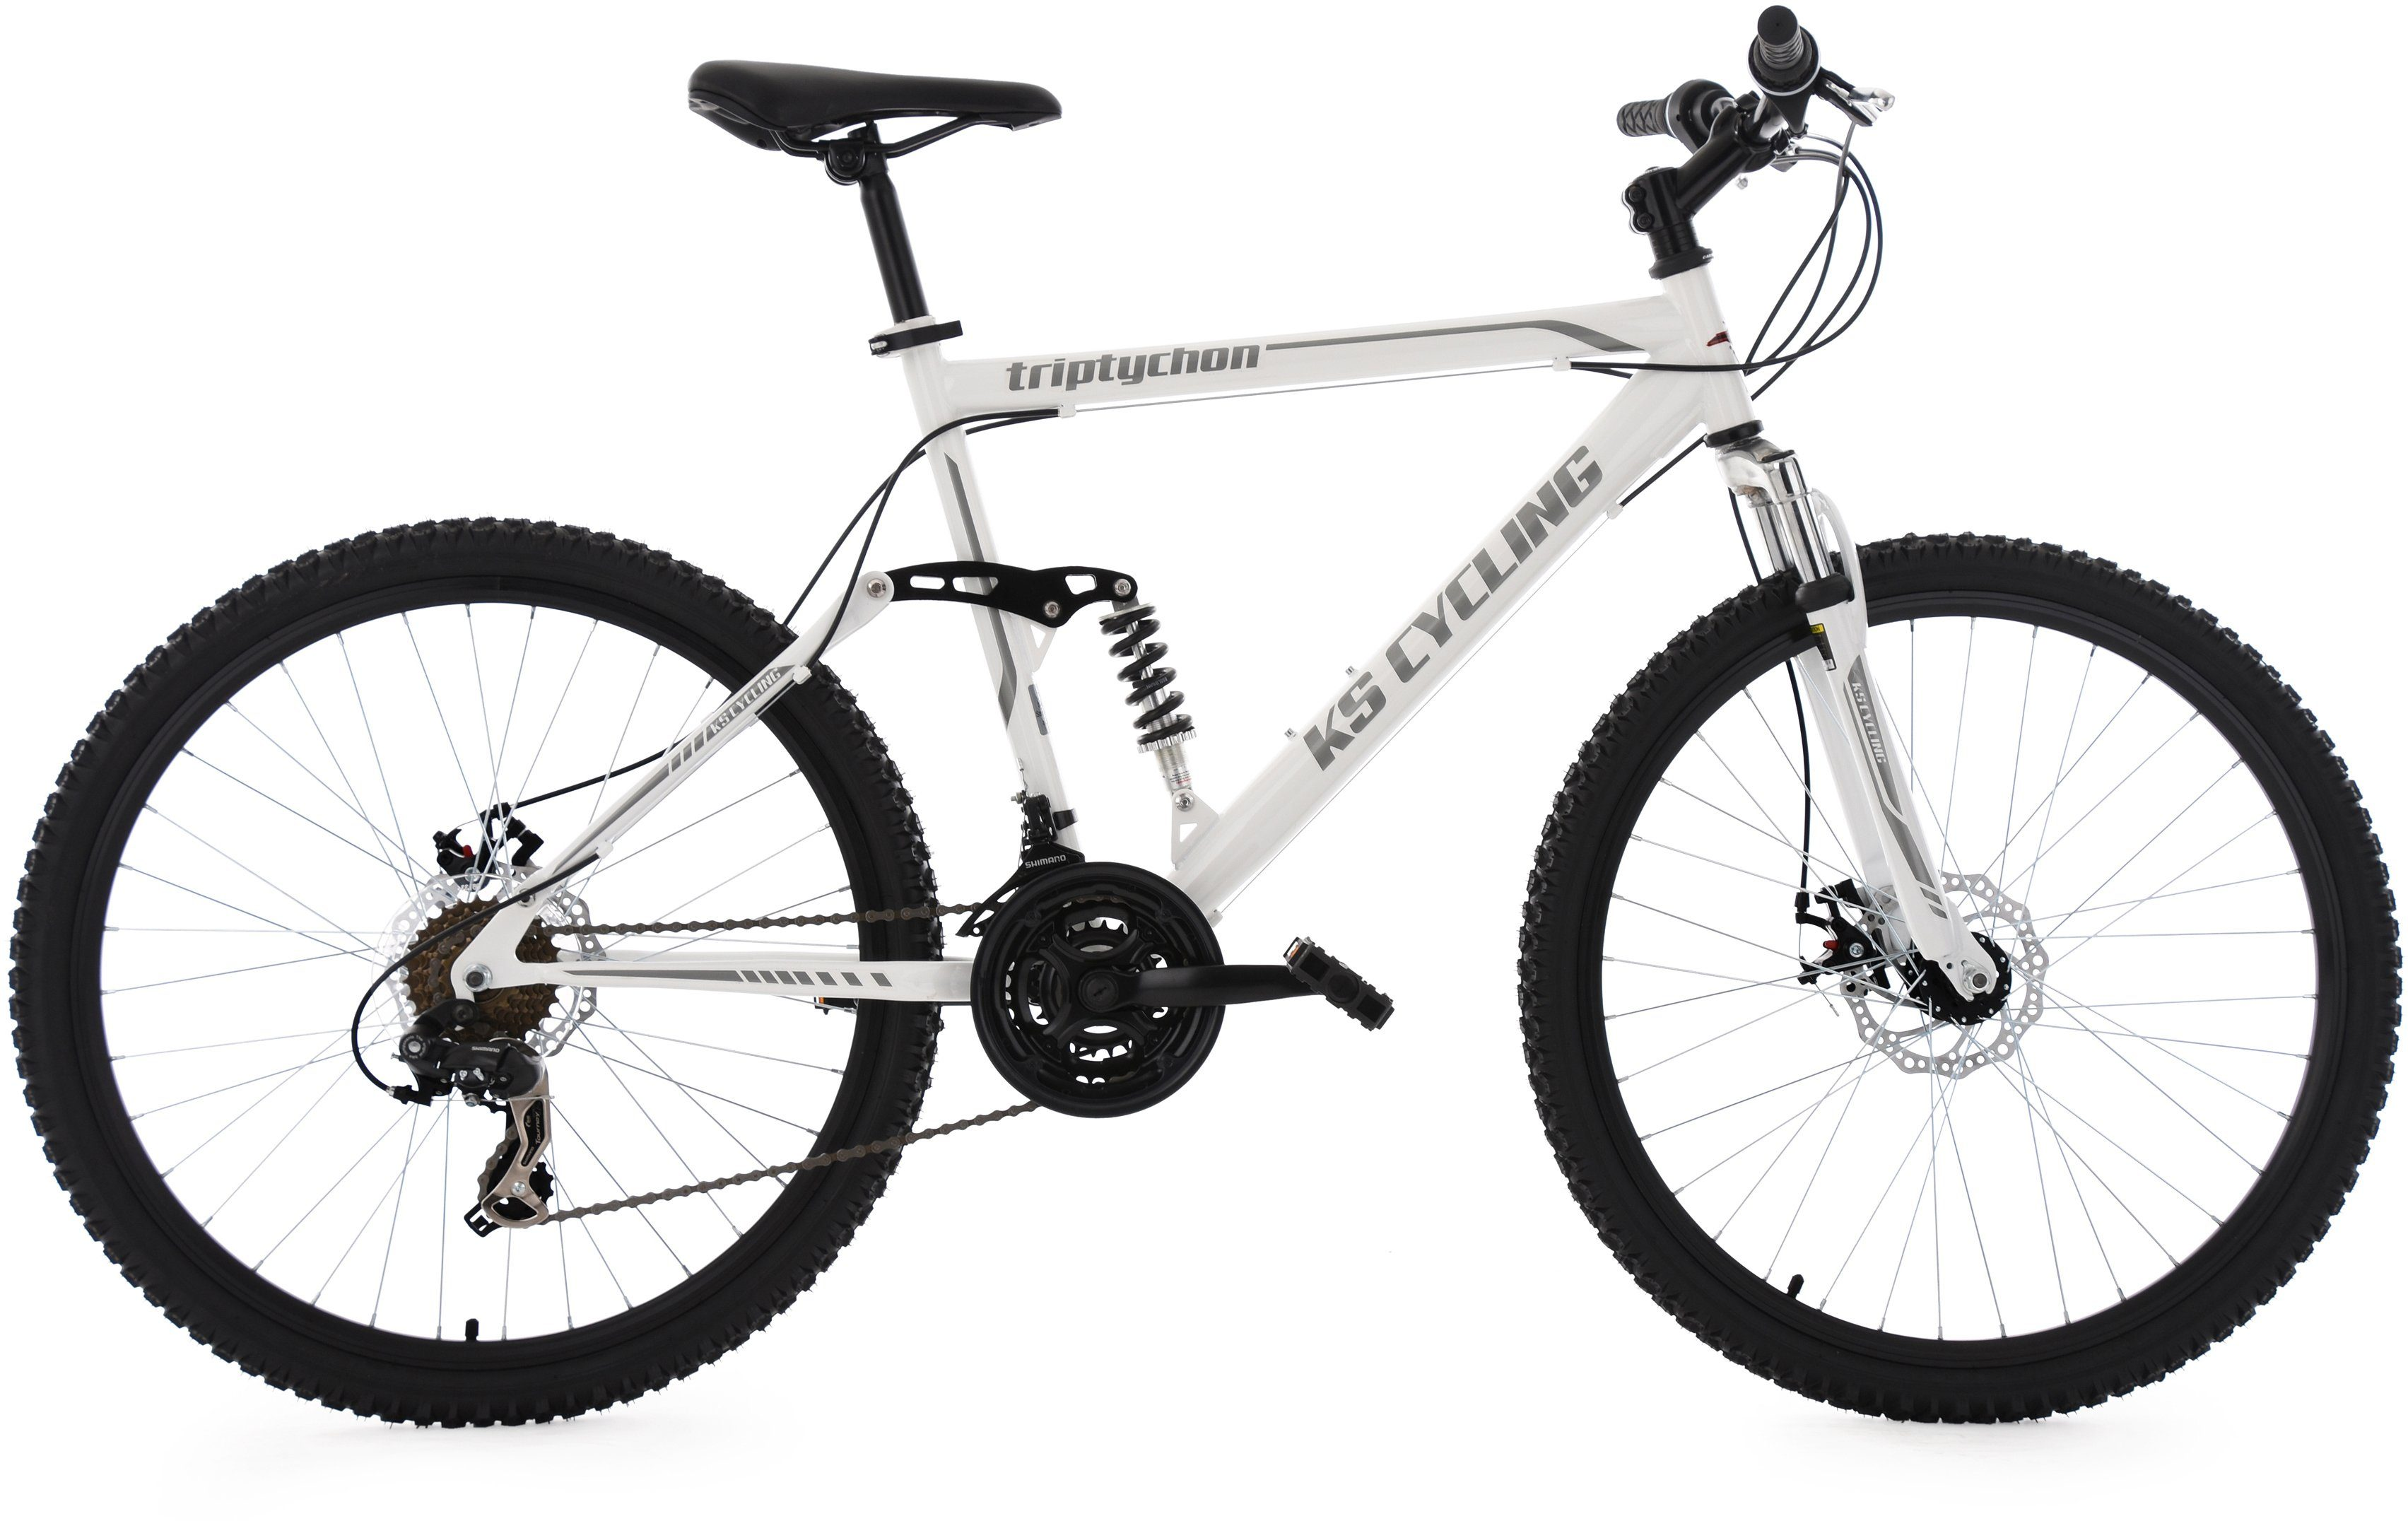 KS Cycling Herren Fully-Mountainbike, 26 Zoll, 21 Gang-Shimano Tourney Kettensch, weiß, »Triptychon«